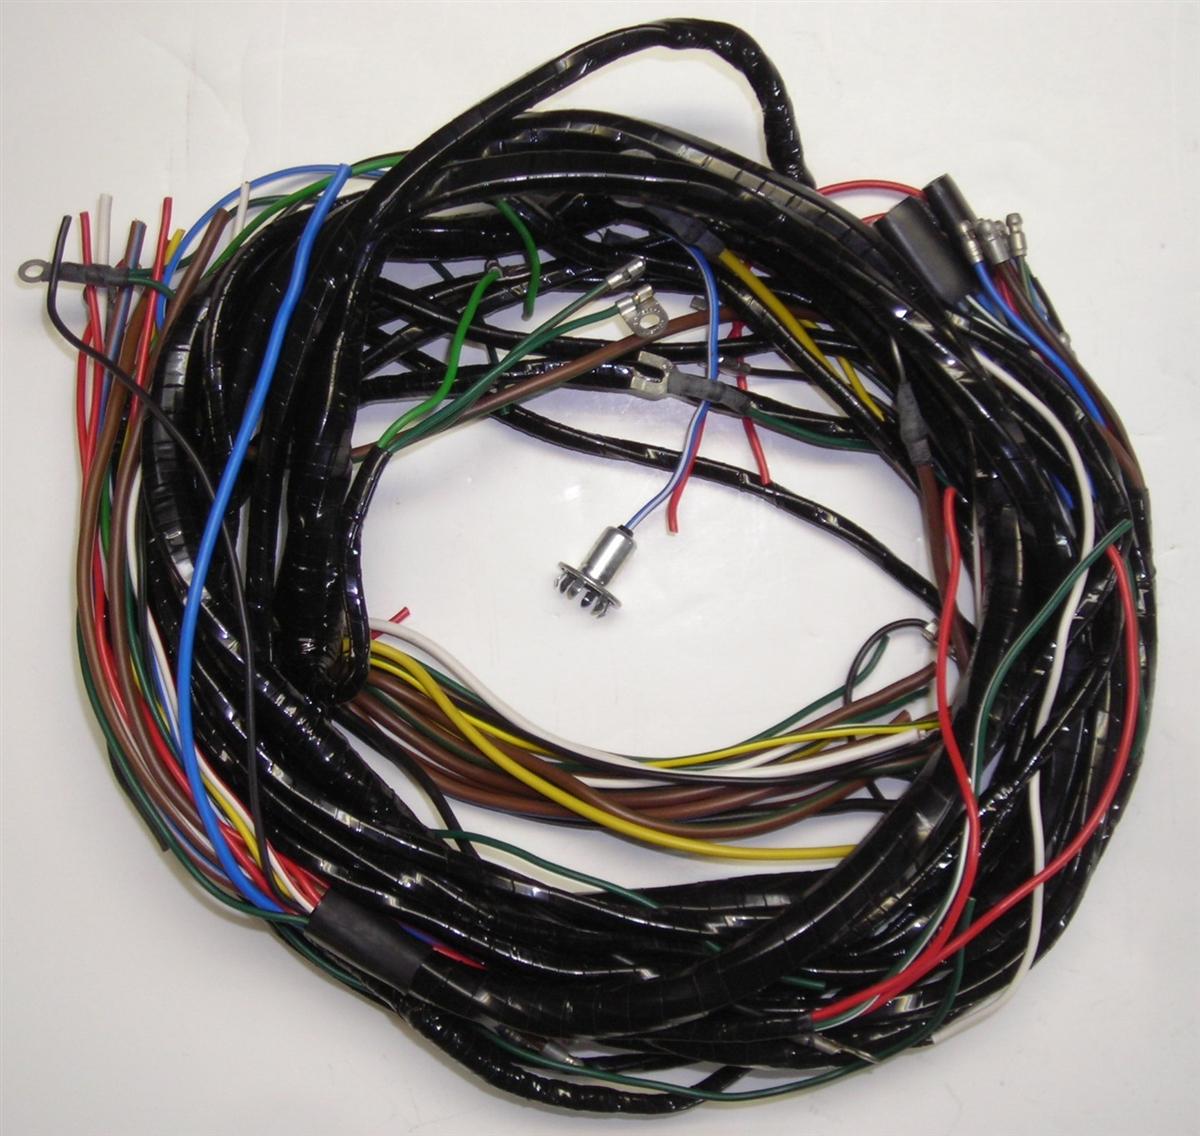 triumph stag wiring, triumph tr4 wiring, porsche 914 wiring, ford mustang wiring, triumph gt6 alternator wiring, tr6 dashboard wiring, triumph scrambler wiring, triumph tr25 wiring, mg midget wiring, ford pinto wiring, jeep cherokee wiring, dodge dakota wiring, triumph tr6 wiring, triumph spitfire wiring, on triumph tr3 wiring harness